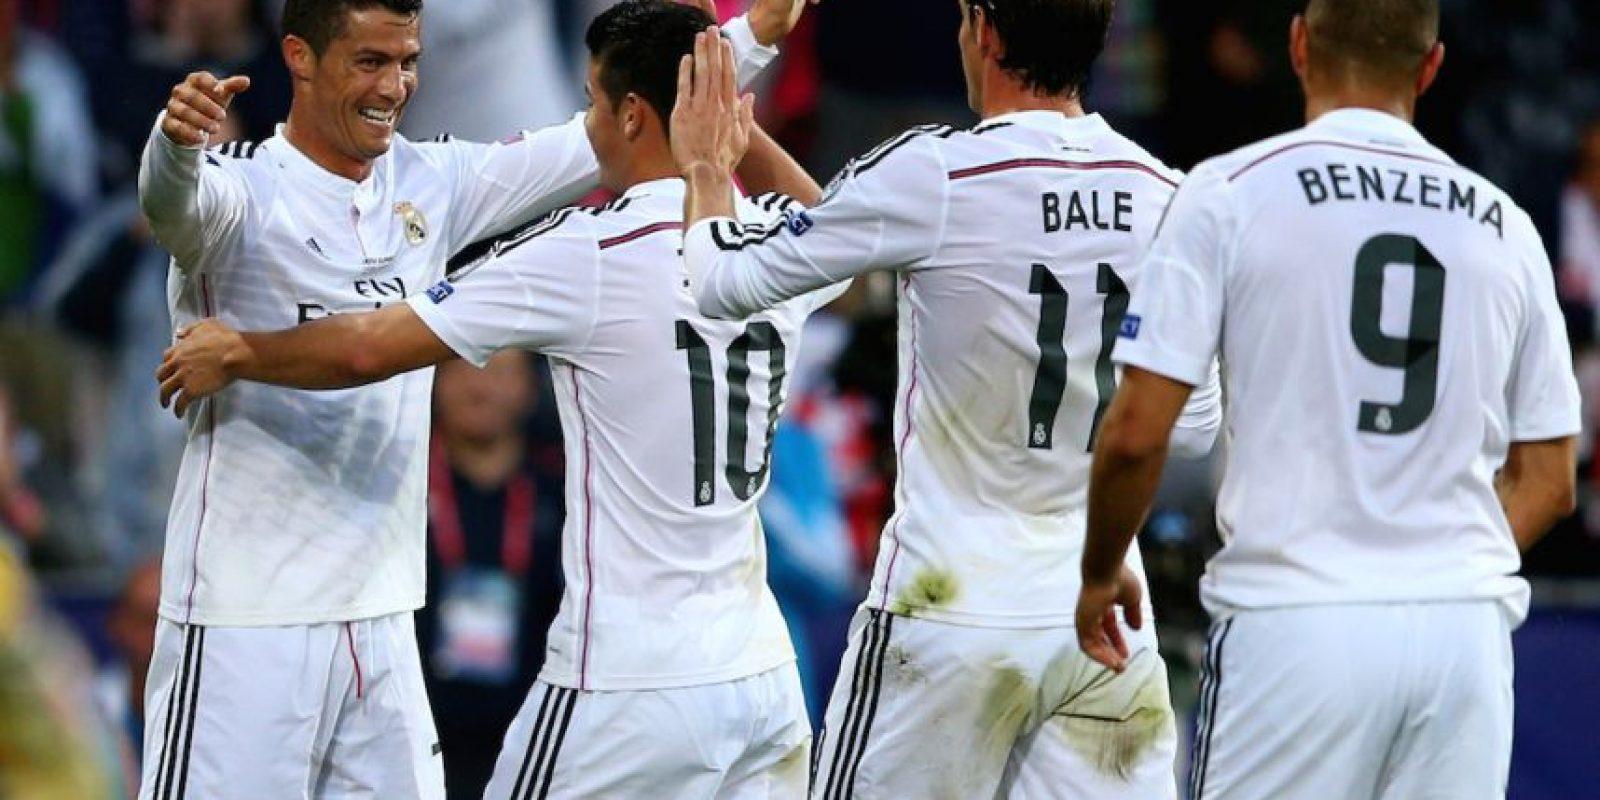 """Los """"Merengues"""" calificaron a esta edición al quedar en segundo lugar en la Liga BBVA la temporada pasada. Foto:Getty Images"""